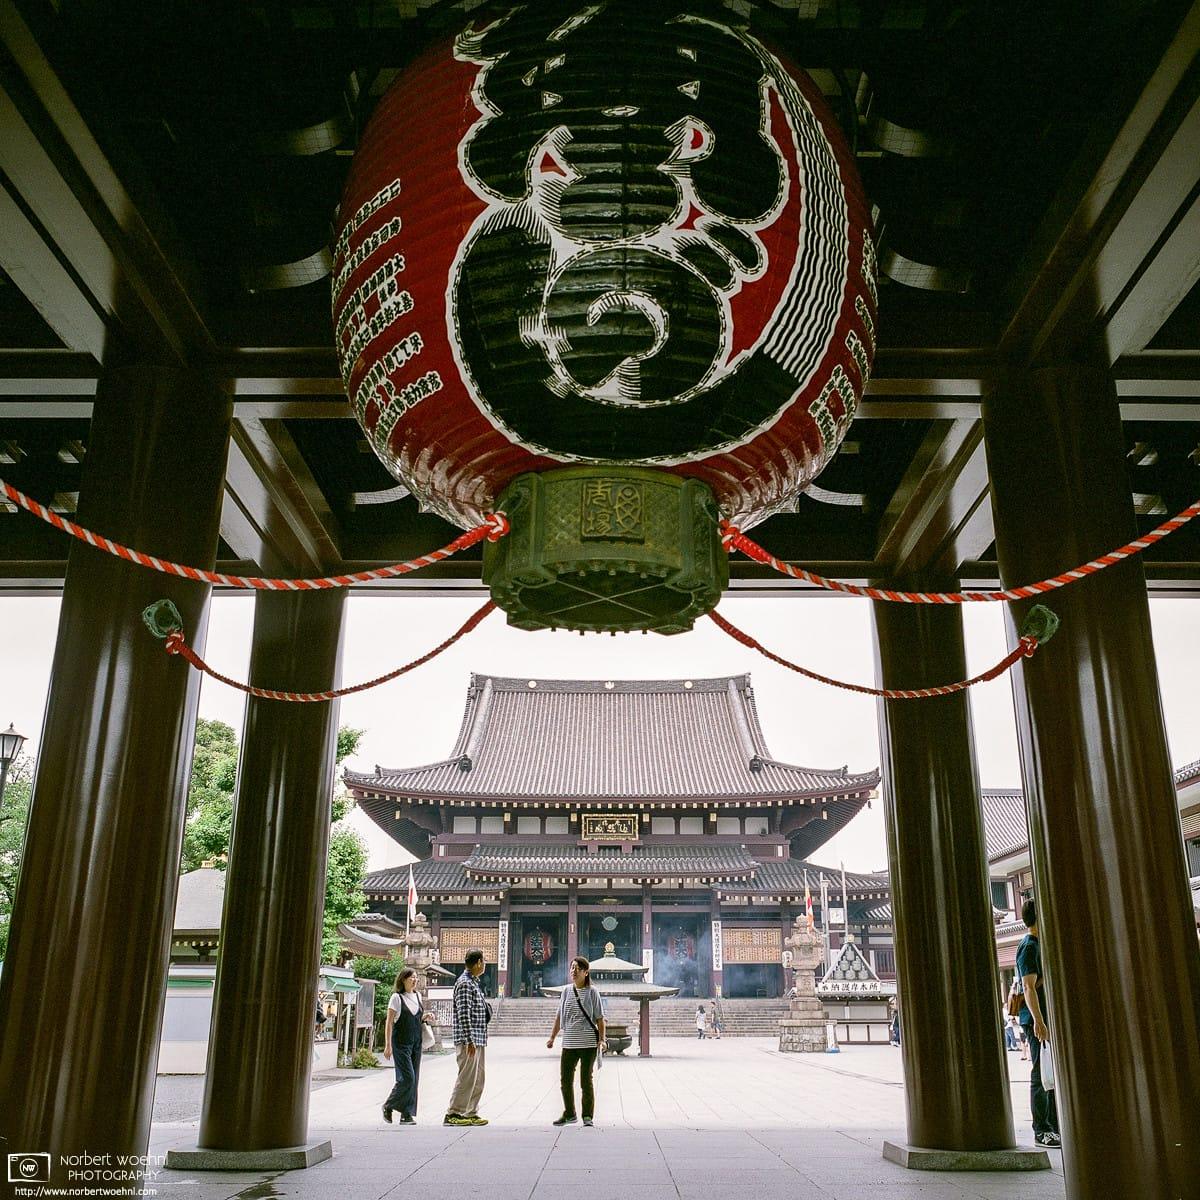 Looking at the Main Hall of Kawasaki Daishi through its Main Gate in Kawasaki, Kanagawa Prefecture, Japan.